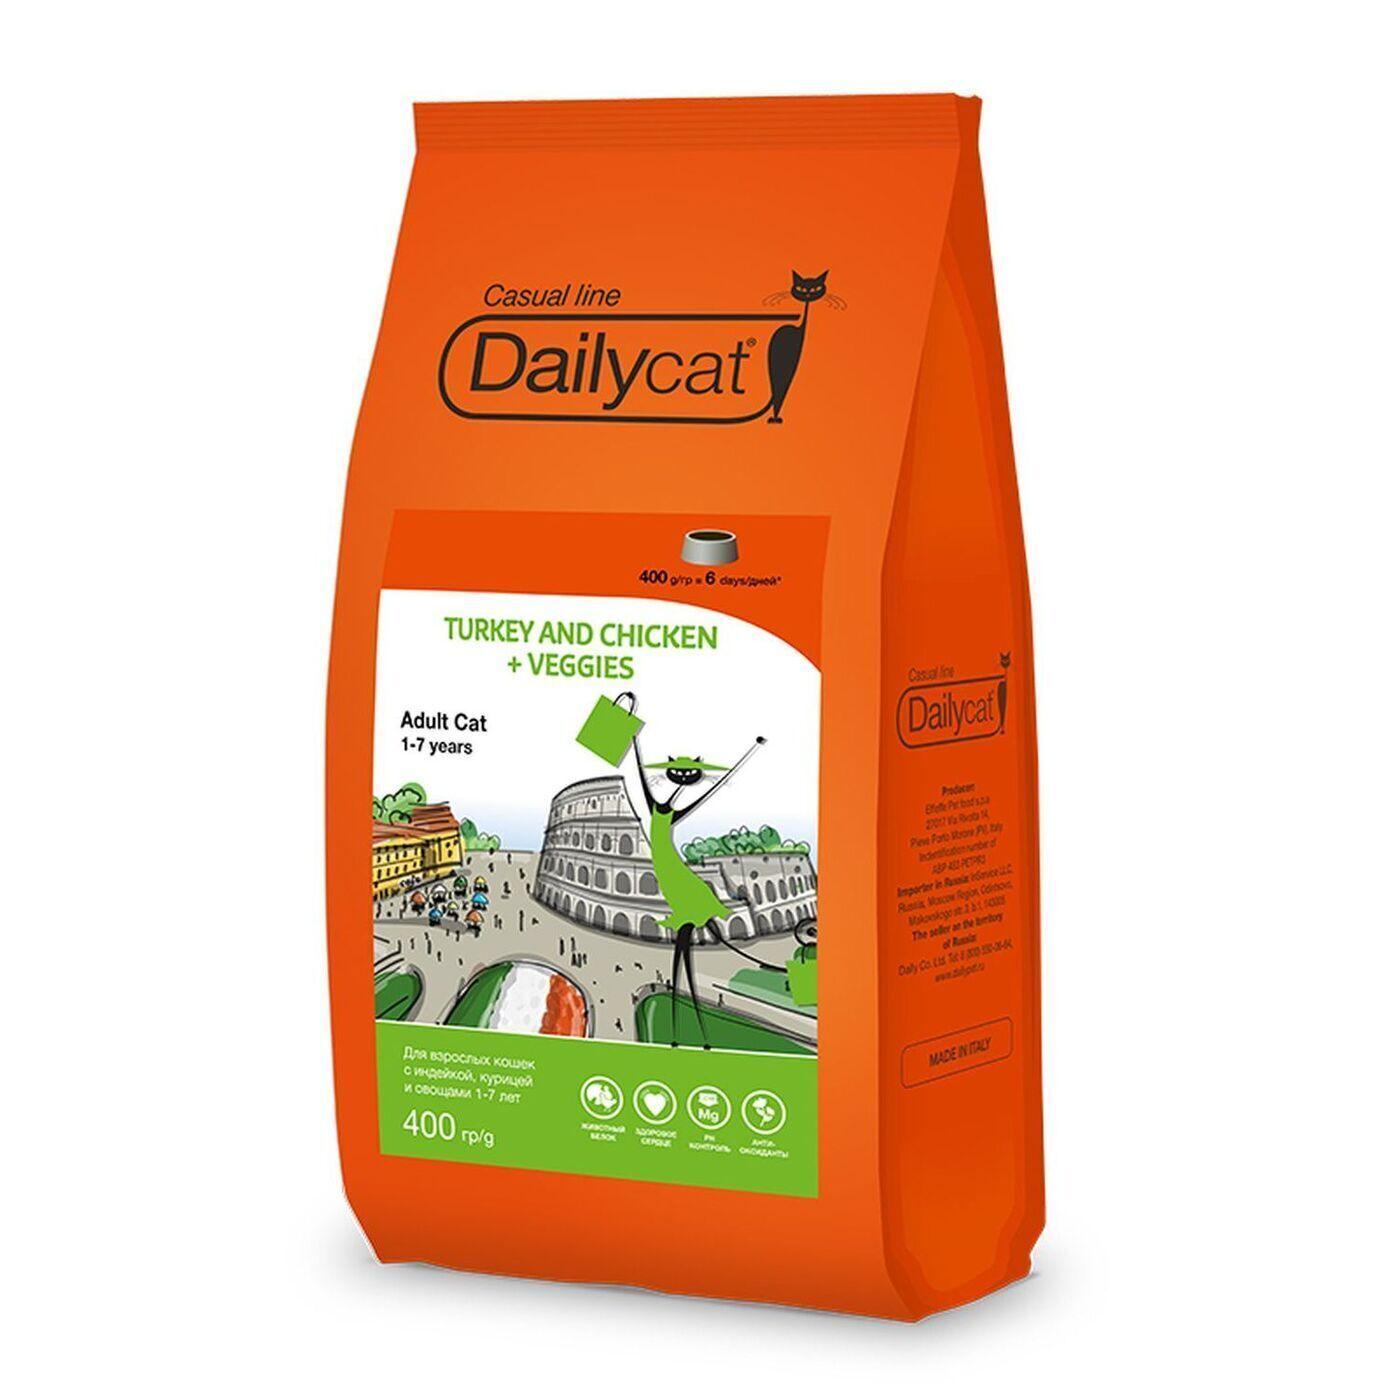 Dailycat Casual line ADULT Fish and Meat + Veggies 0,4кг - корм для взрослых кошек с рыбой, мясом и овощами 0,4кг, 723ДКк*0,4